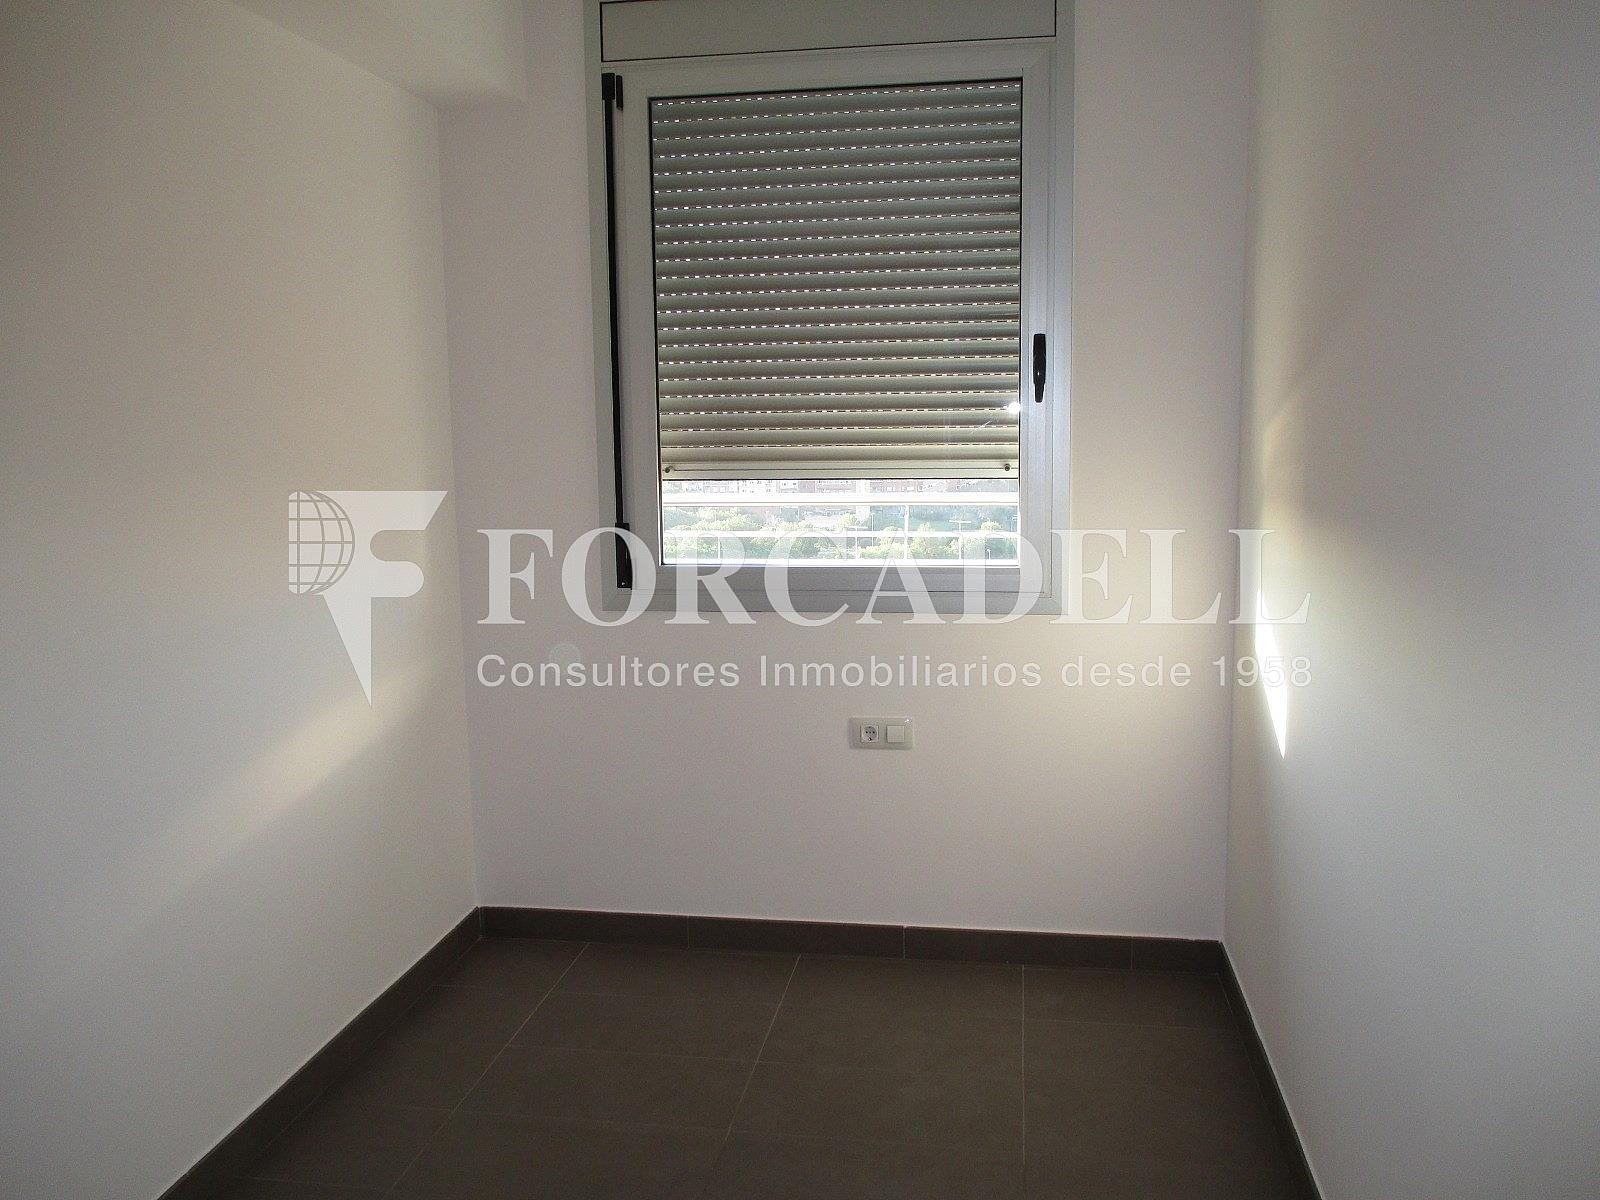 IMG_2676 - Piso en alquiler en calle Merce Rodoreda, Can clota en Esplugues de Llobregat - 331432068